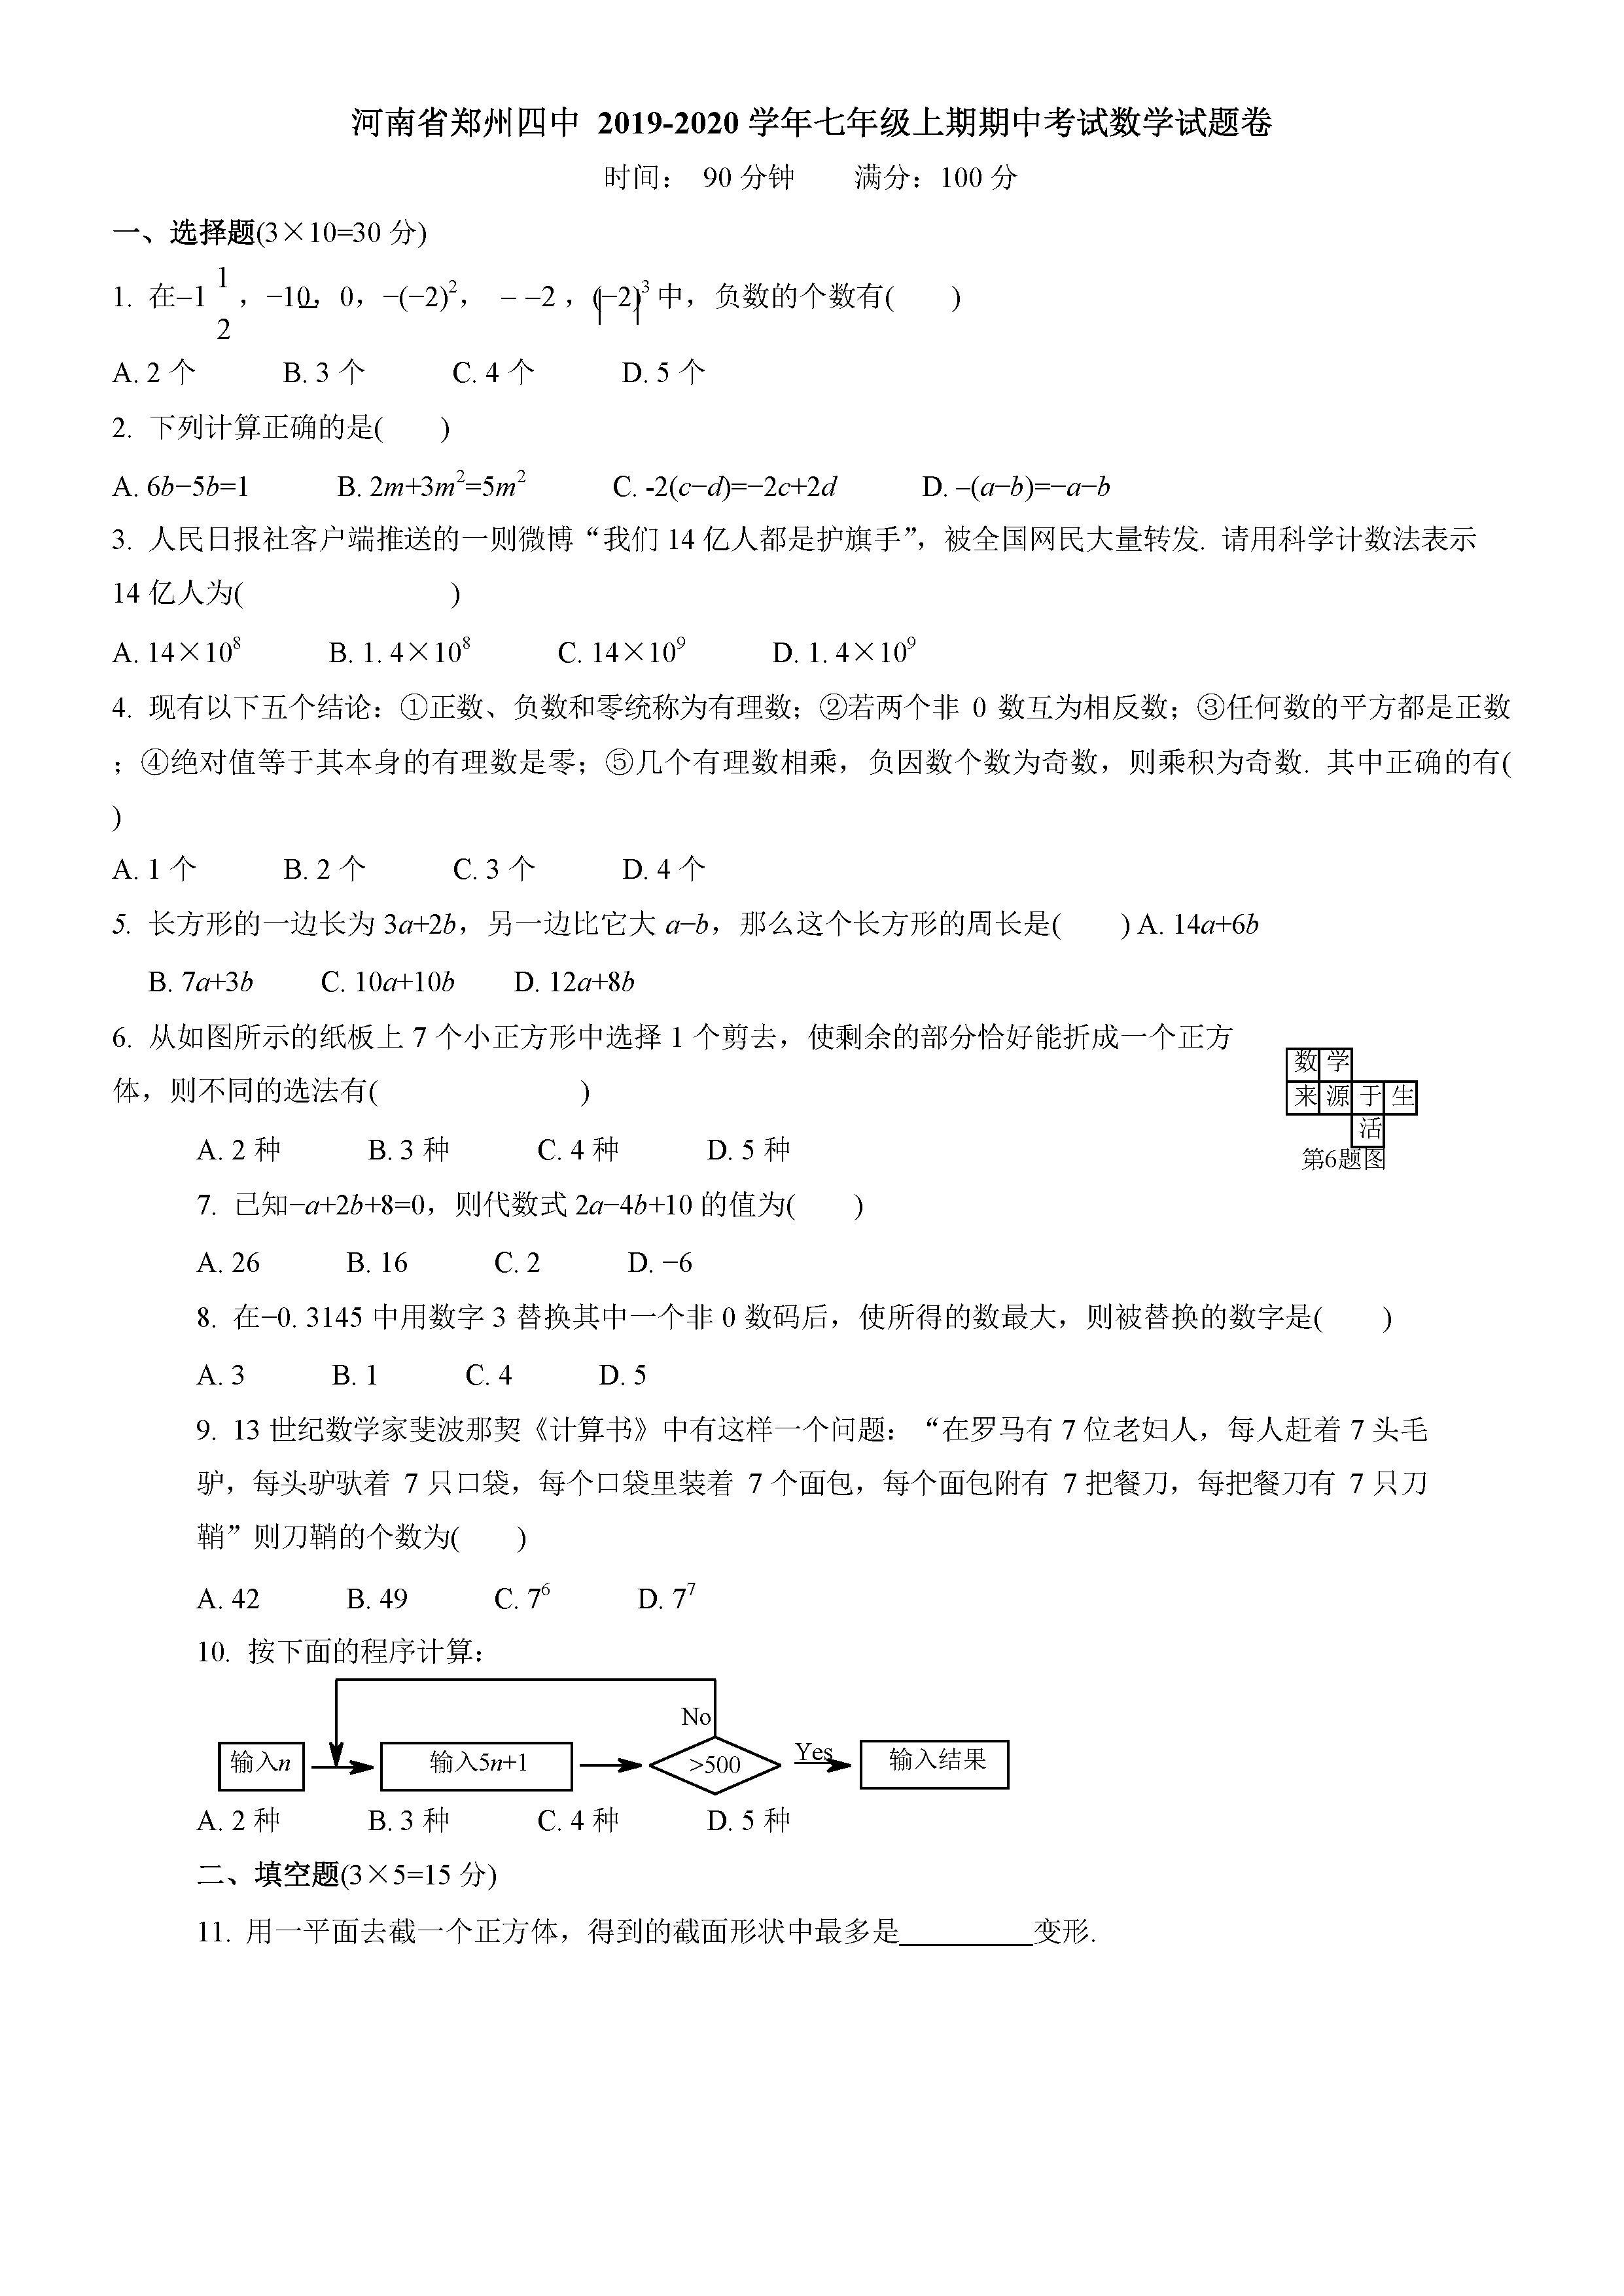 2019-2020河南省郑州四中七年级数学上册期中试题含答案